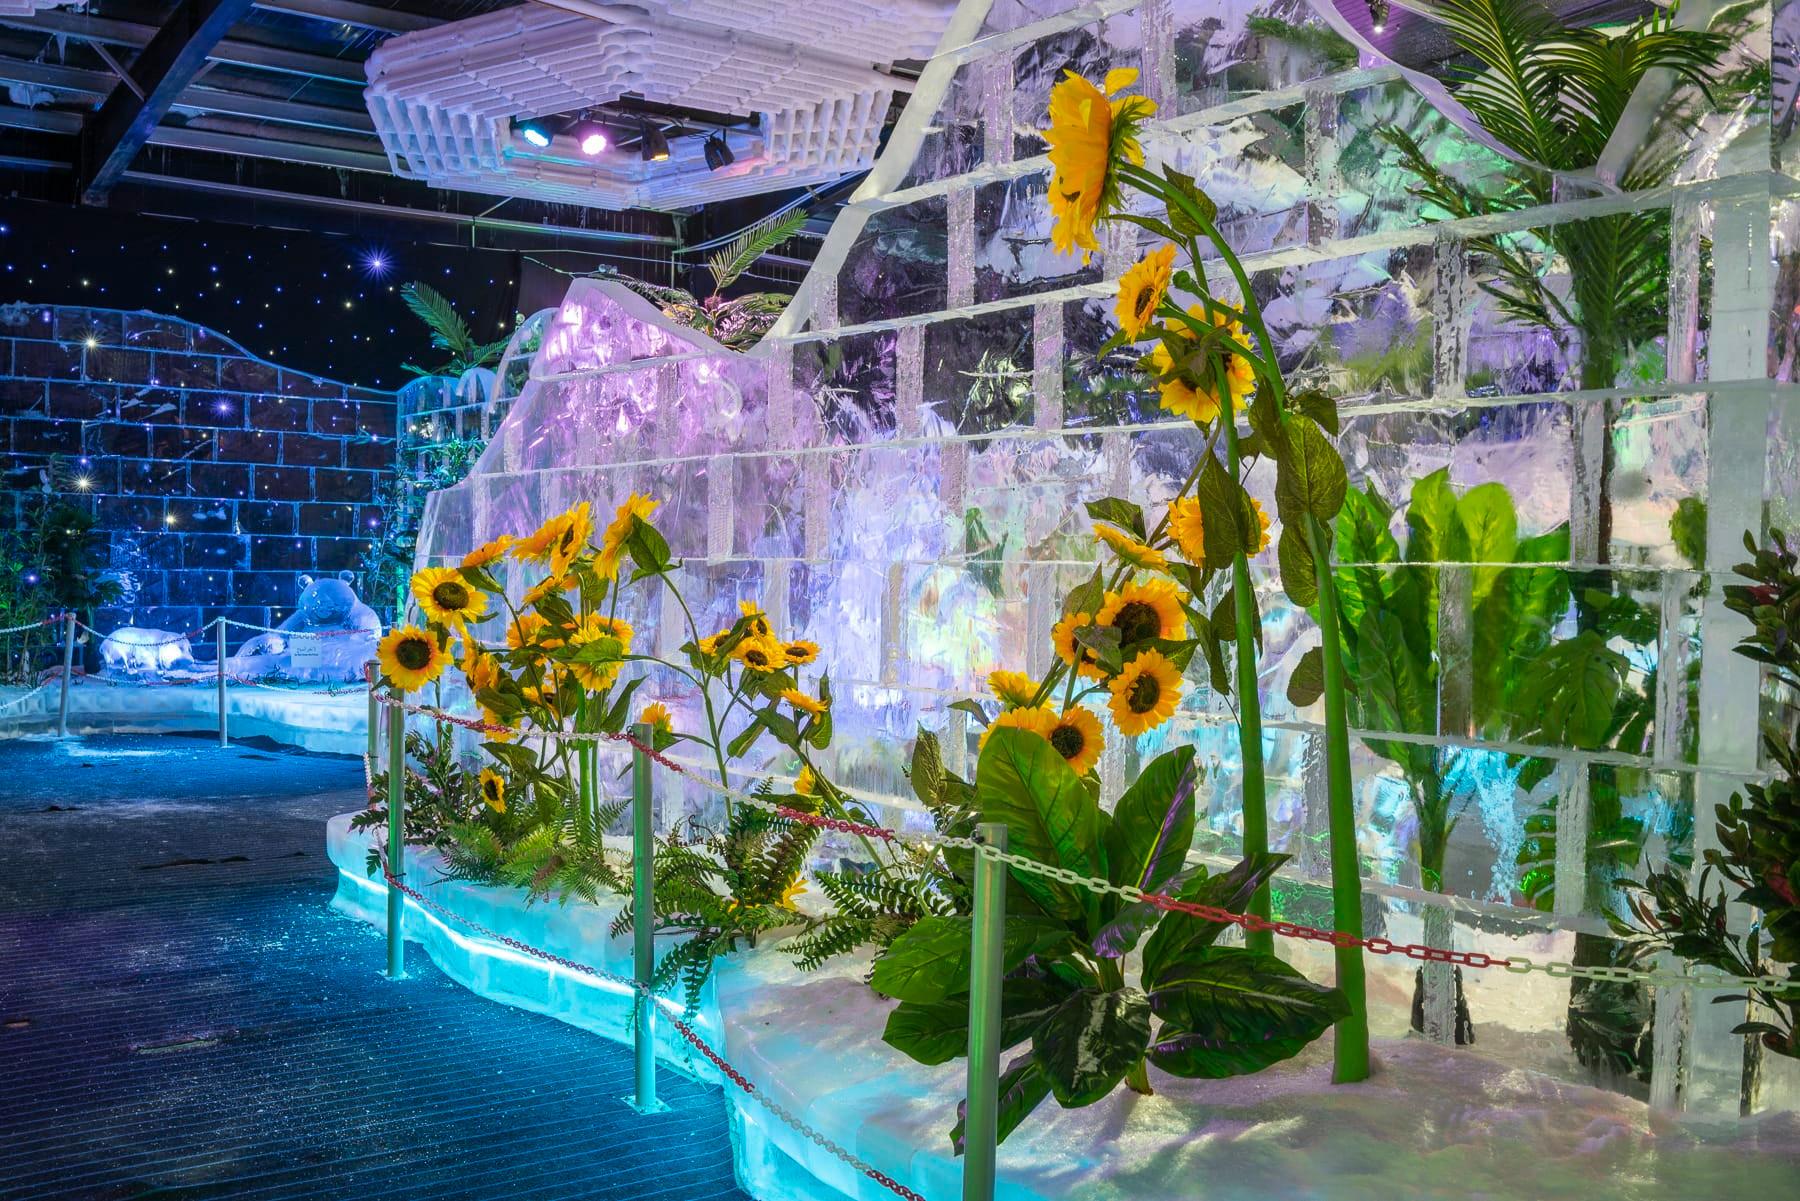 fabianschroder-in_natura-sunflowers.jpg